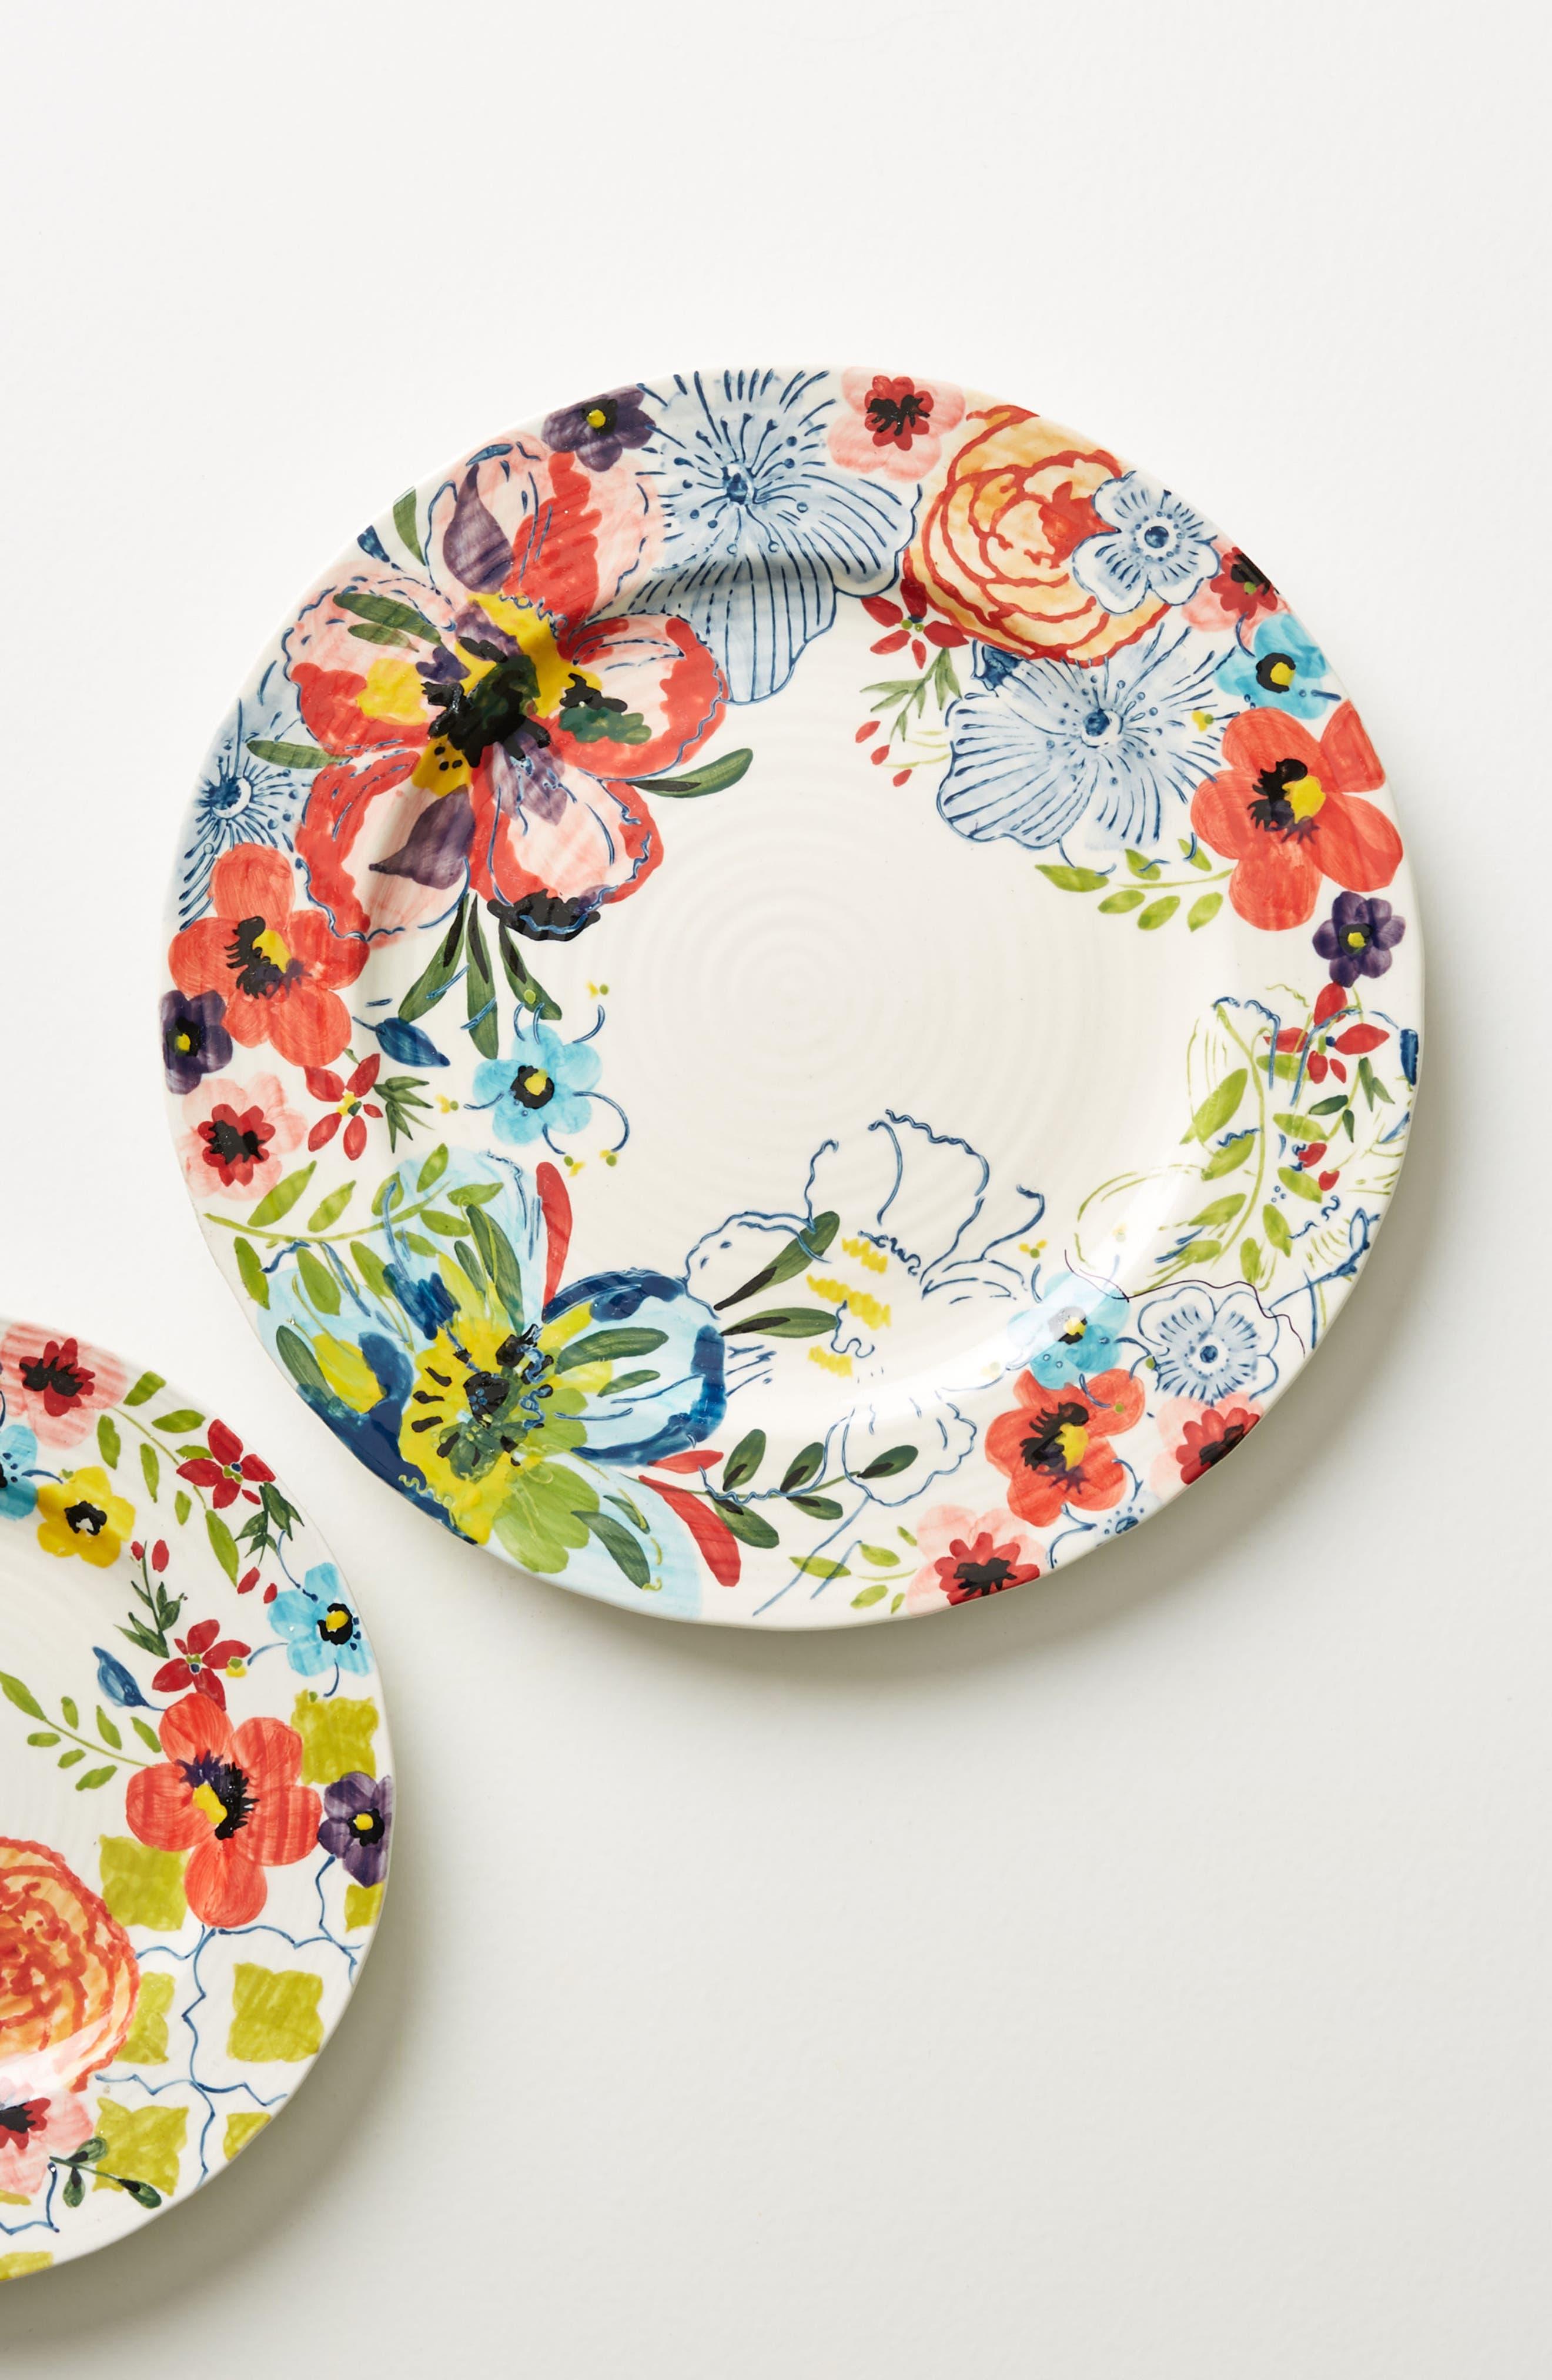 Main Image - Anthropologie Sissinghurst Castle Dinner Plate